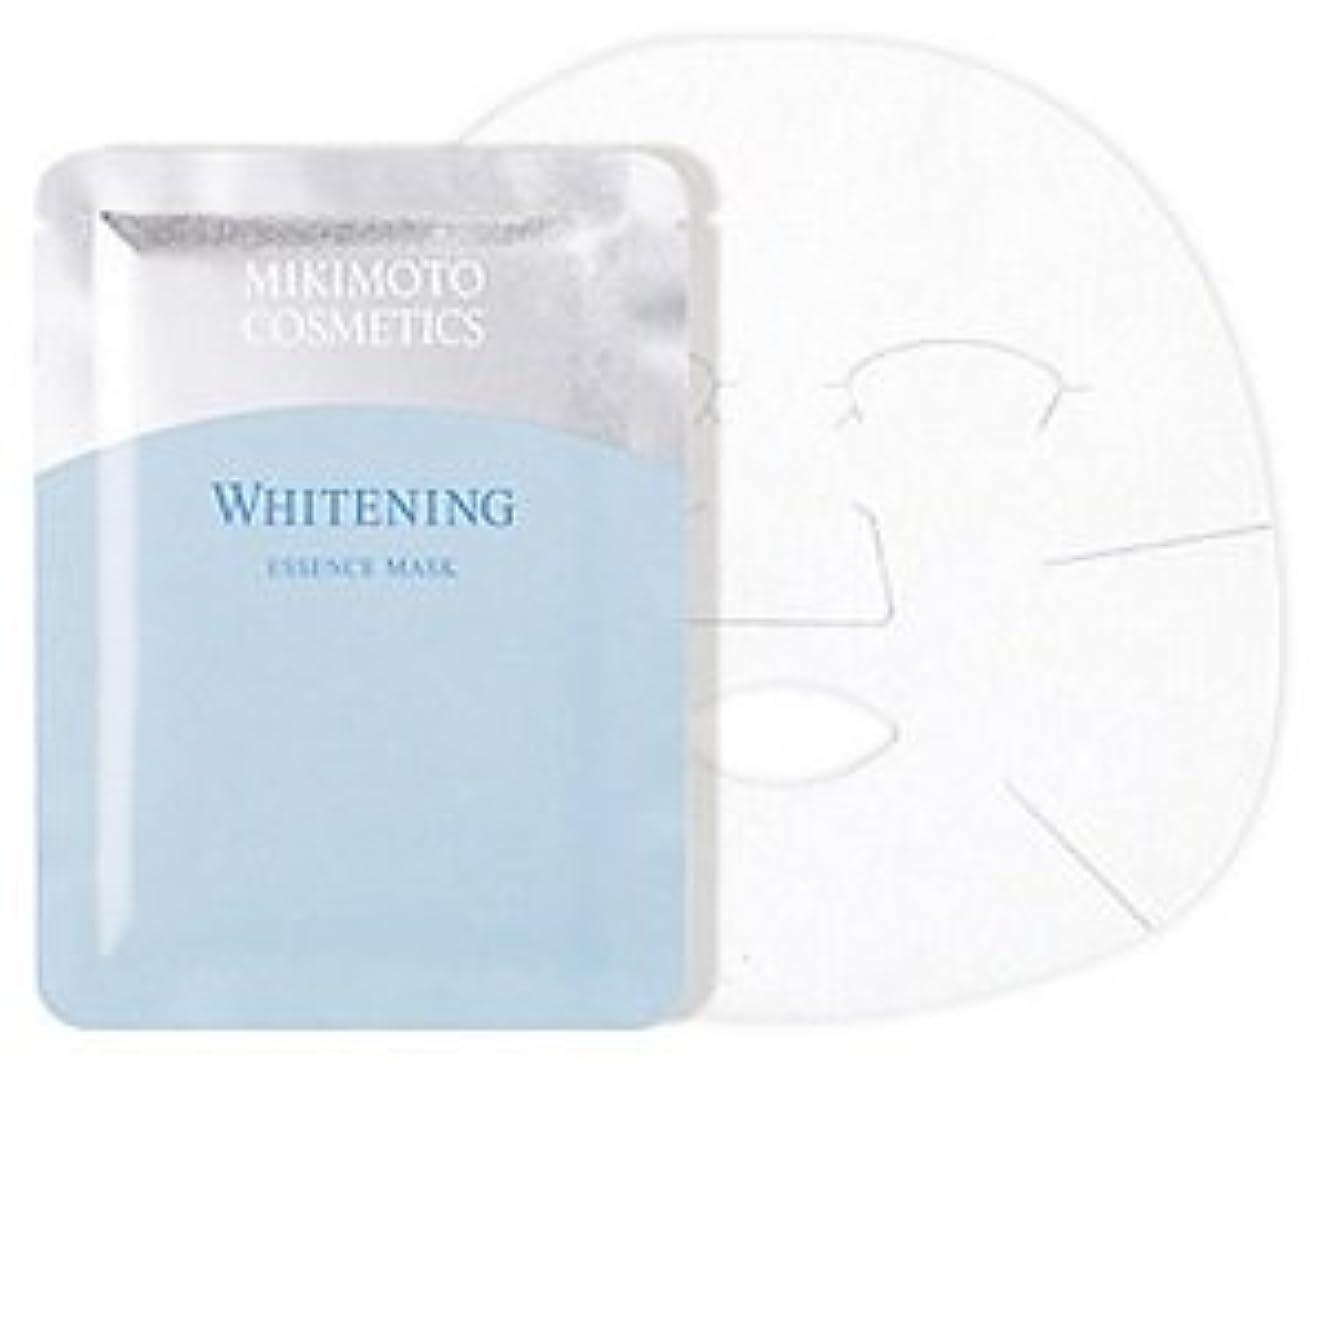 ミキモト ホワイトニング エッセンス マスク 21mlx6枚入 薬用美白状シートマスク